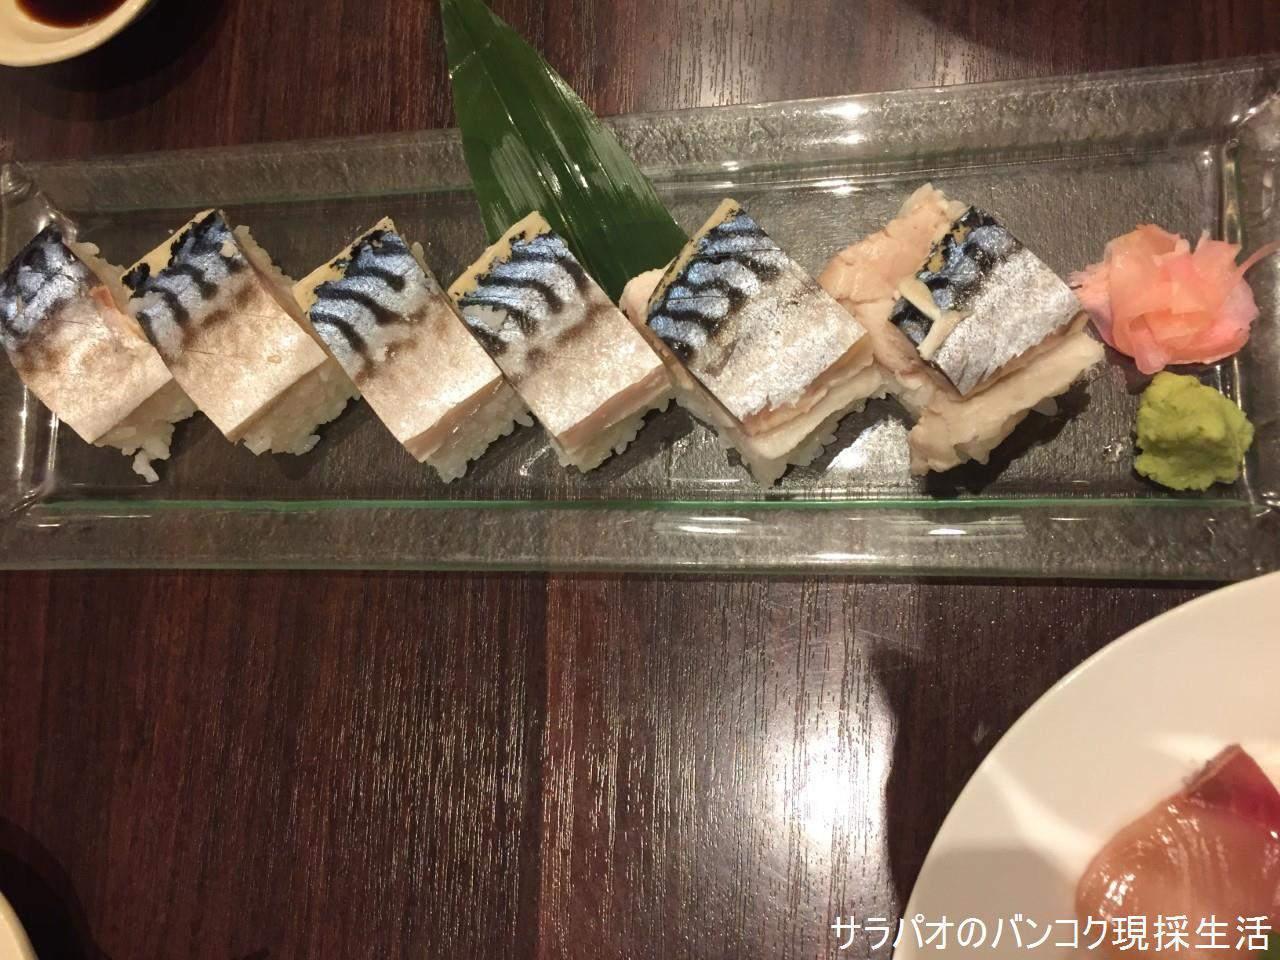 つぼ八の料理を50%割引で食べれて大満足 in 日本街店